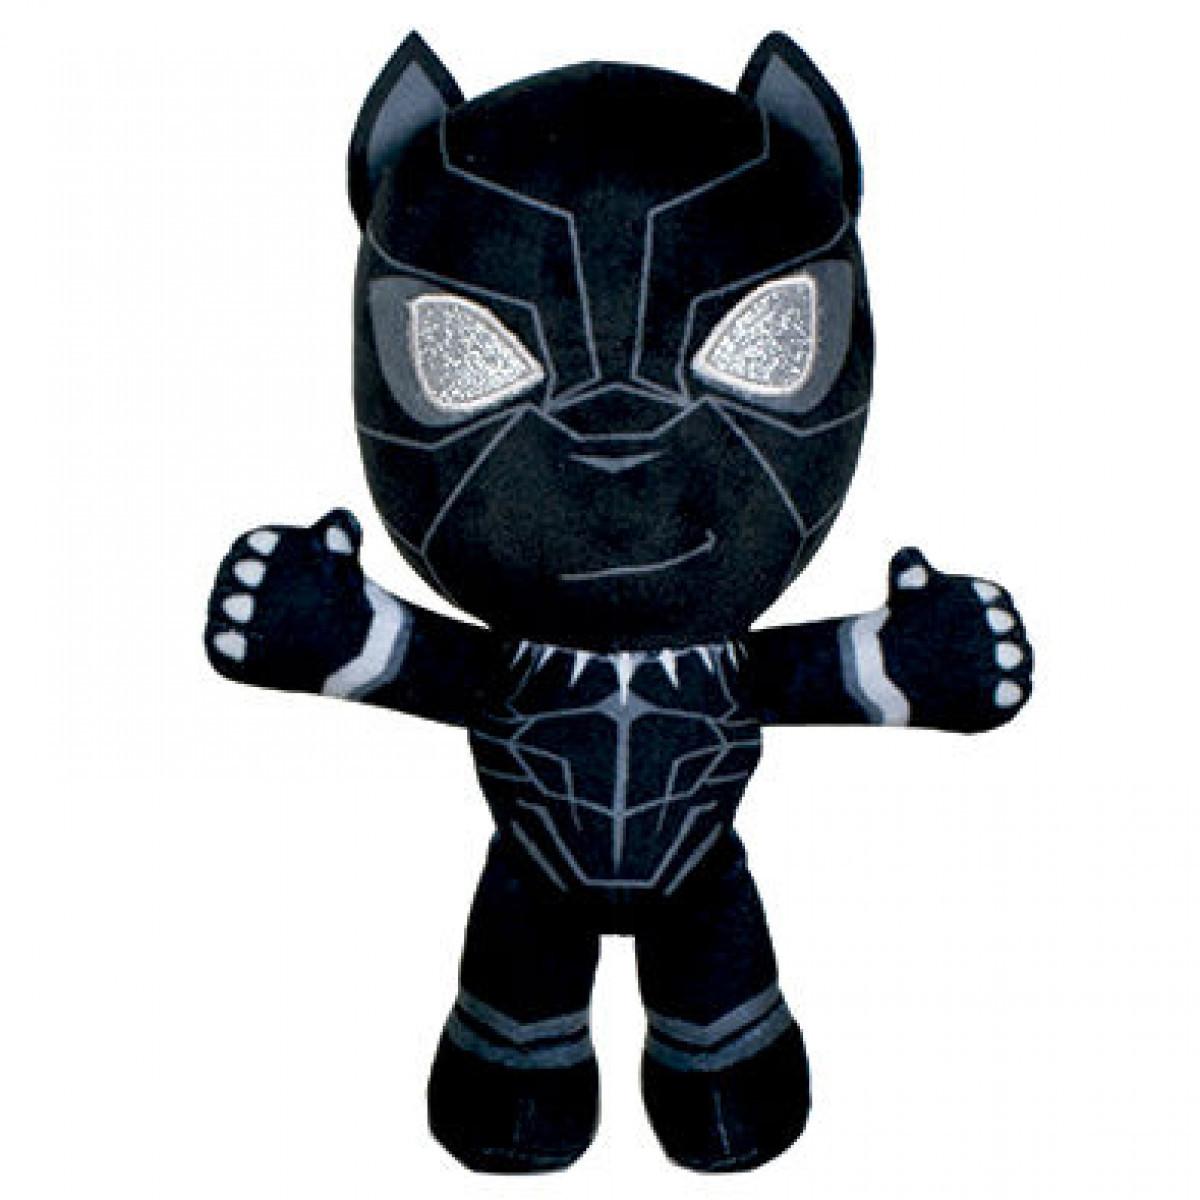 Peluche Pantera Negra Vingadores Avengers 19cm Loja Da Crianca